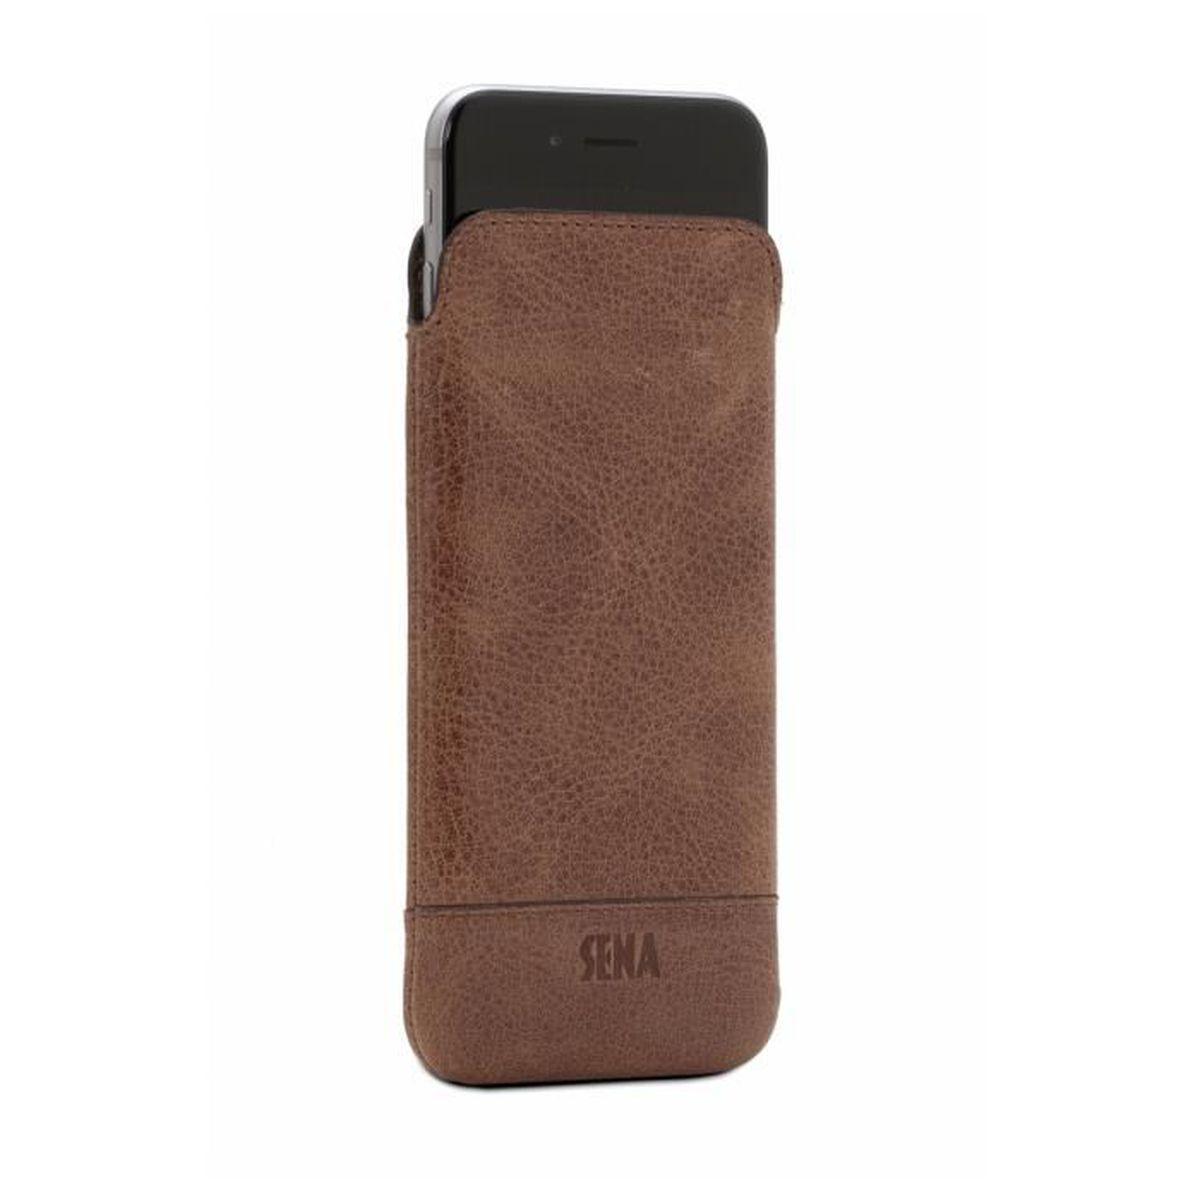 Housse iphone 7 plus en cuir v ritable ultra slim h ritage for Housse iphone 7 plus cuir